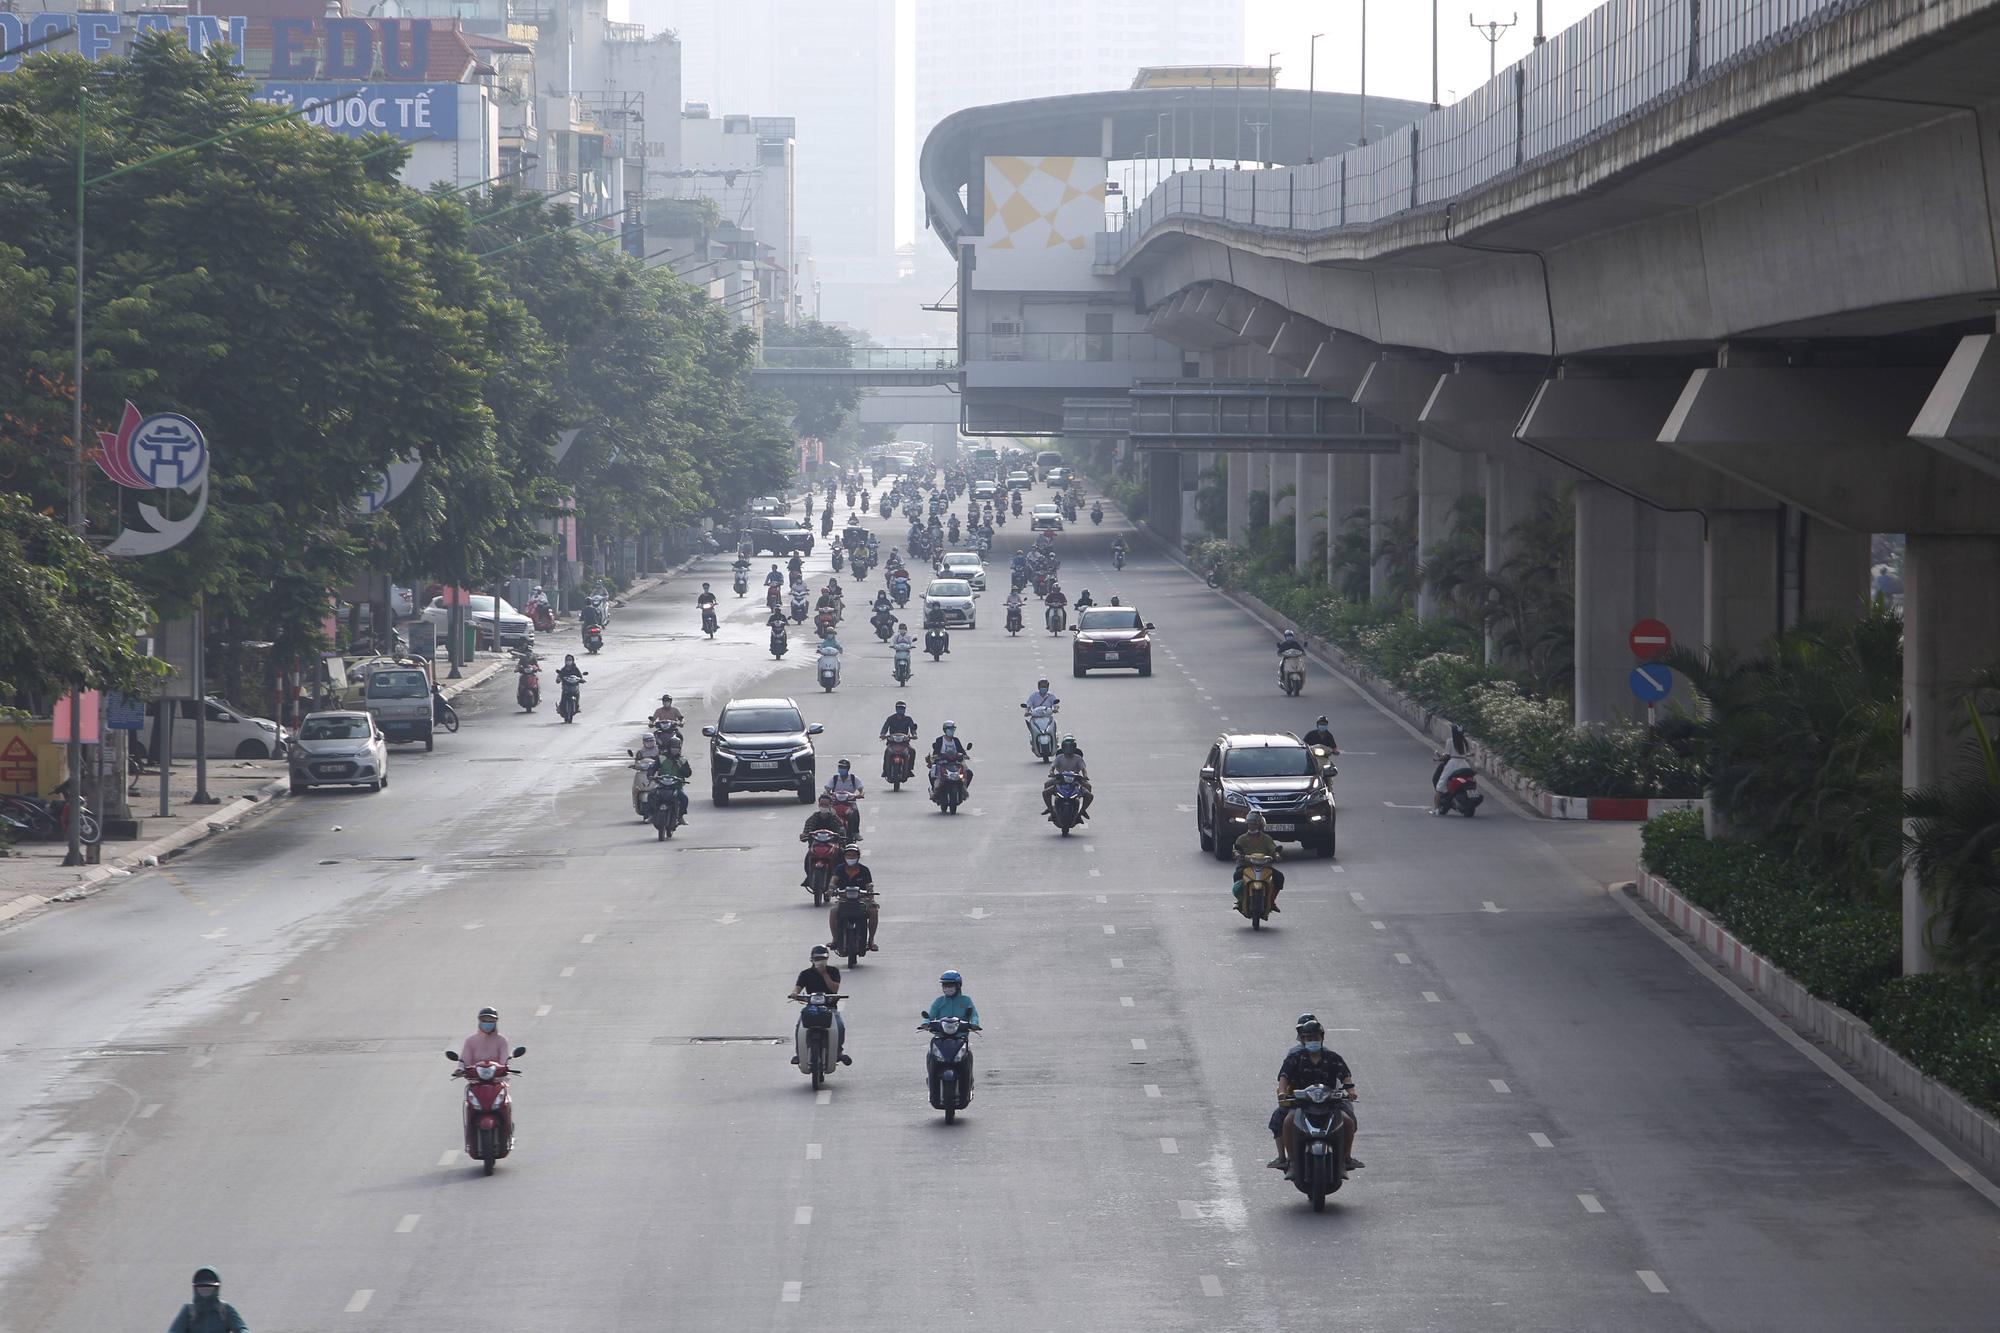 Đường phố Hà Nội vắng vẻ trong ngày đầu thực hiện giãn cách toàn xã hội - Ảnh 19.